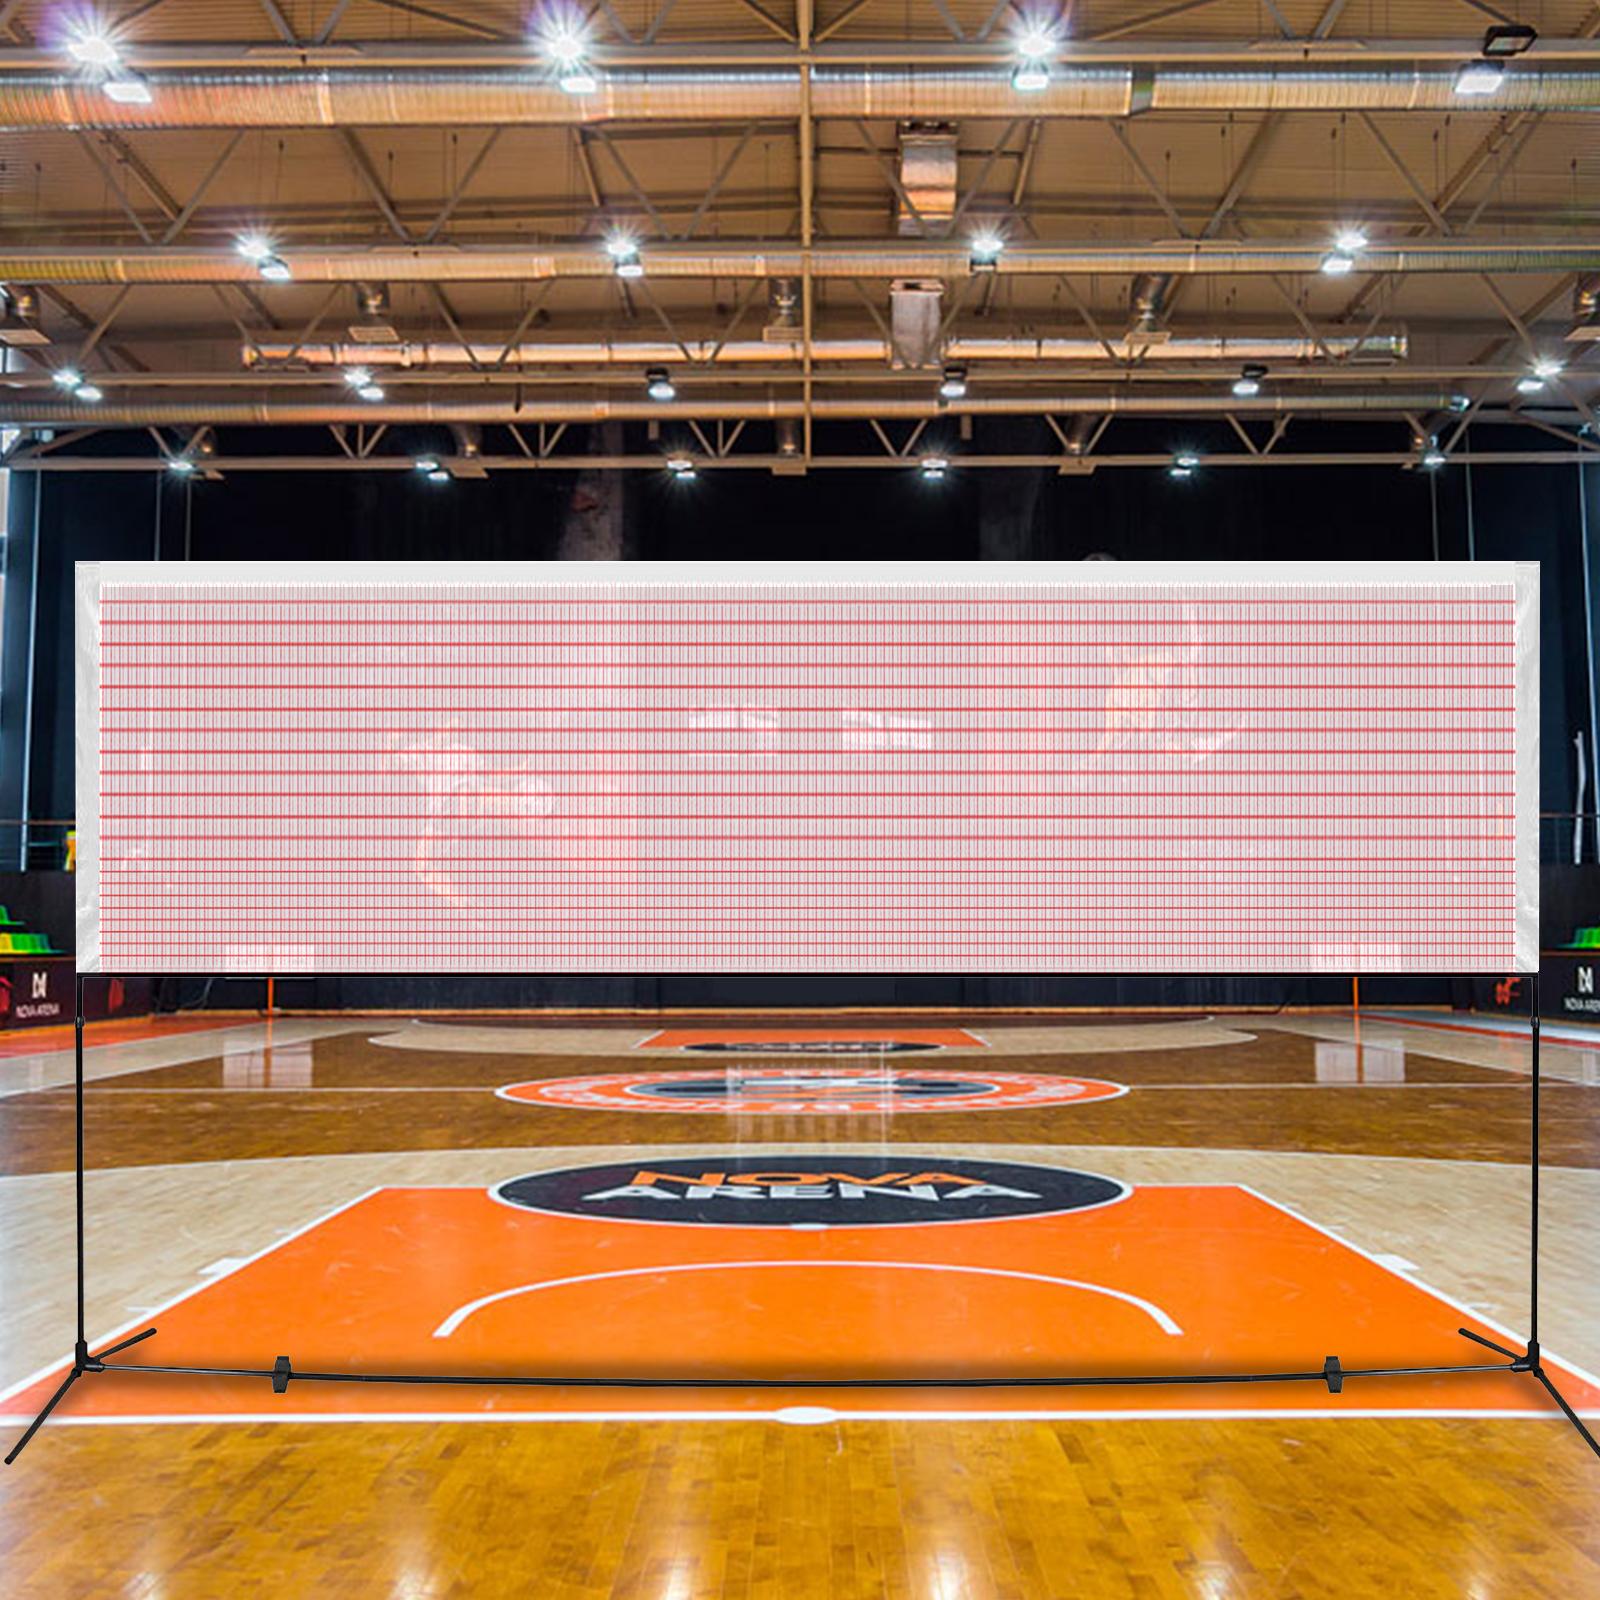 Red-Badminton-Tennis-Volleyball-Net-For-Beach-Garden-Indoor-Outdoor-Games-Sport